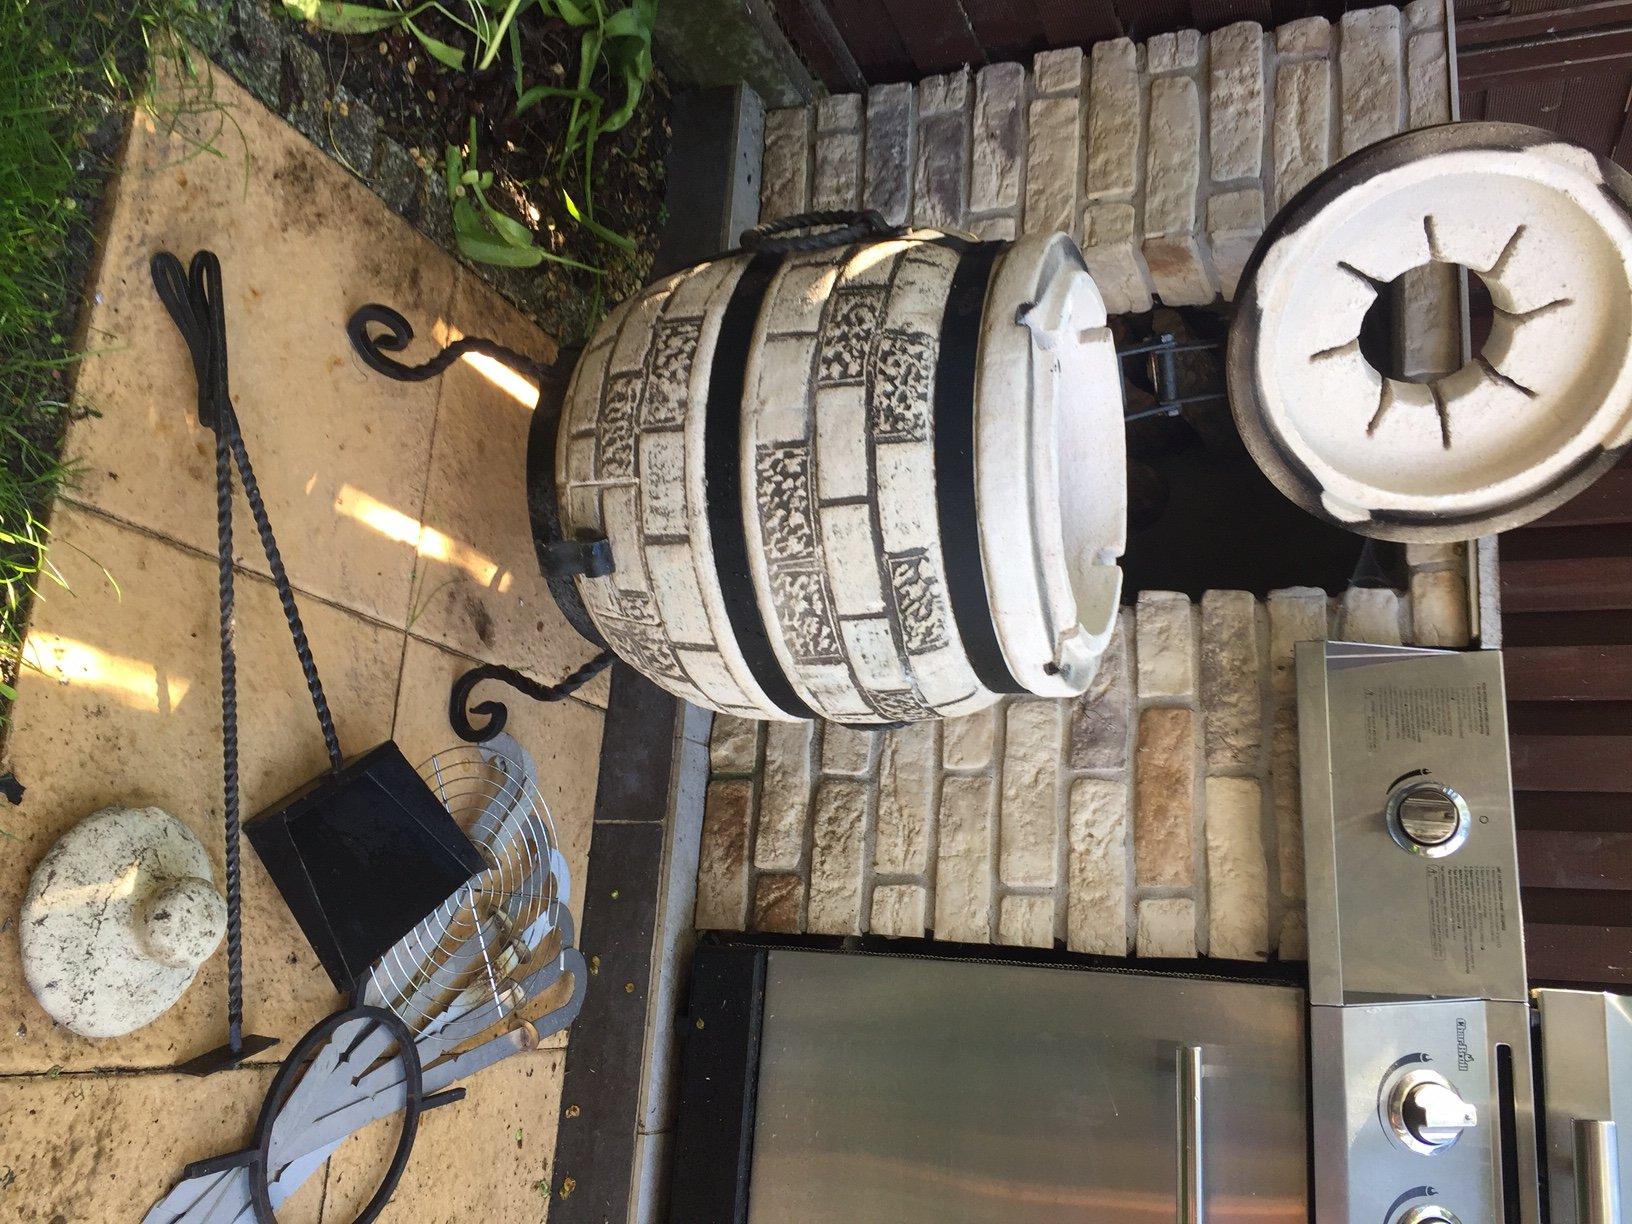 Fantastyczny piec tandoor, tandor, za pół ceny, grill wędzarnia - 7336148498 PU57